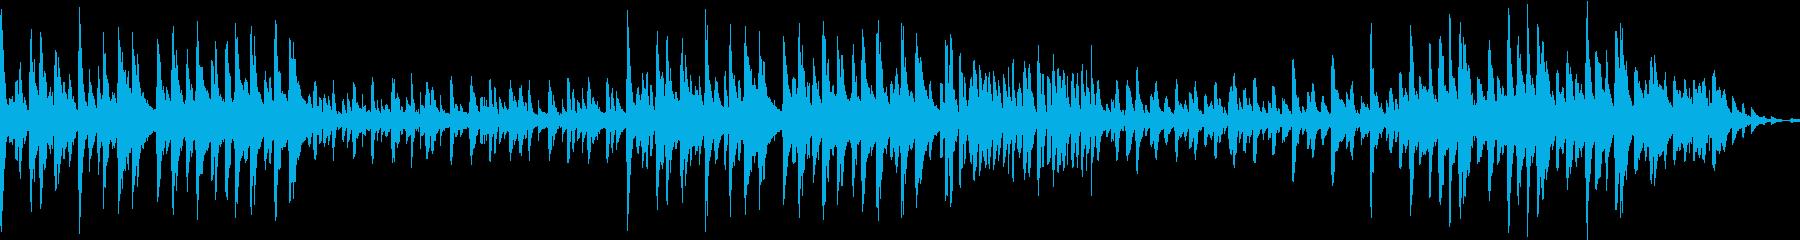 森の中のファンシーな楽曲の再生済みの波形